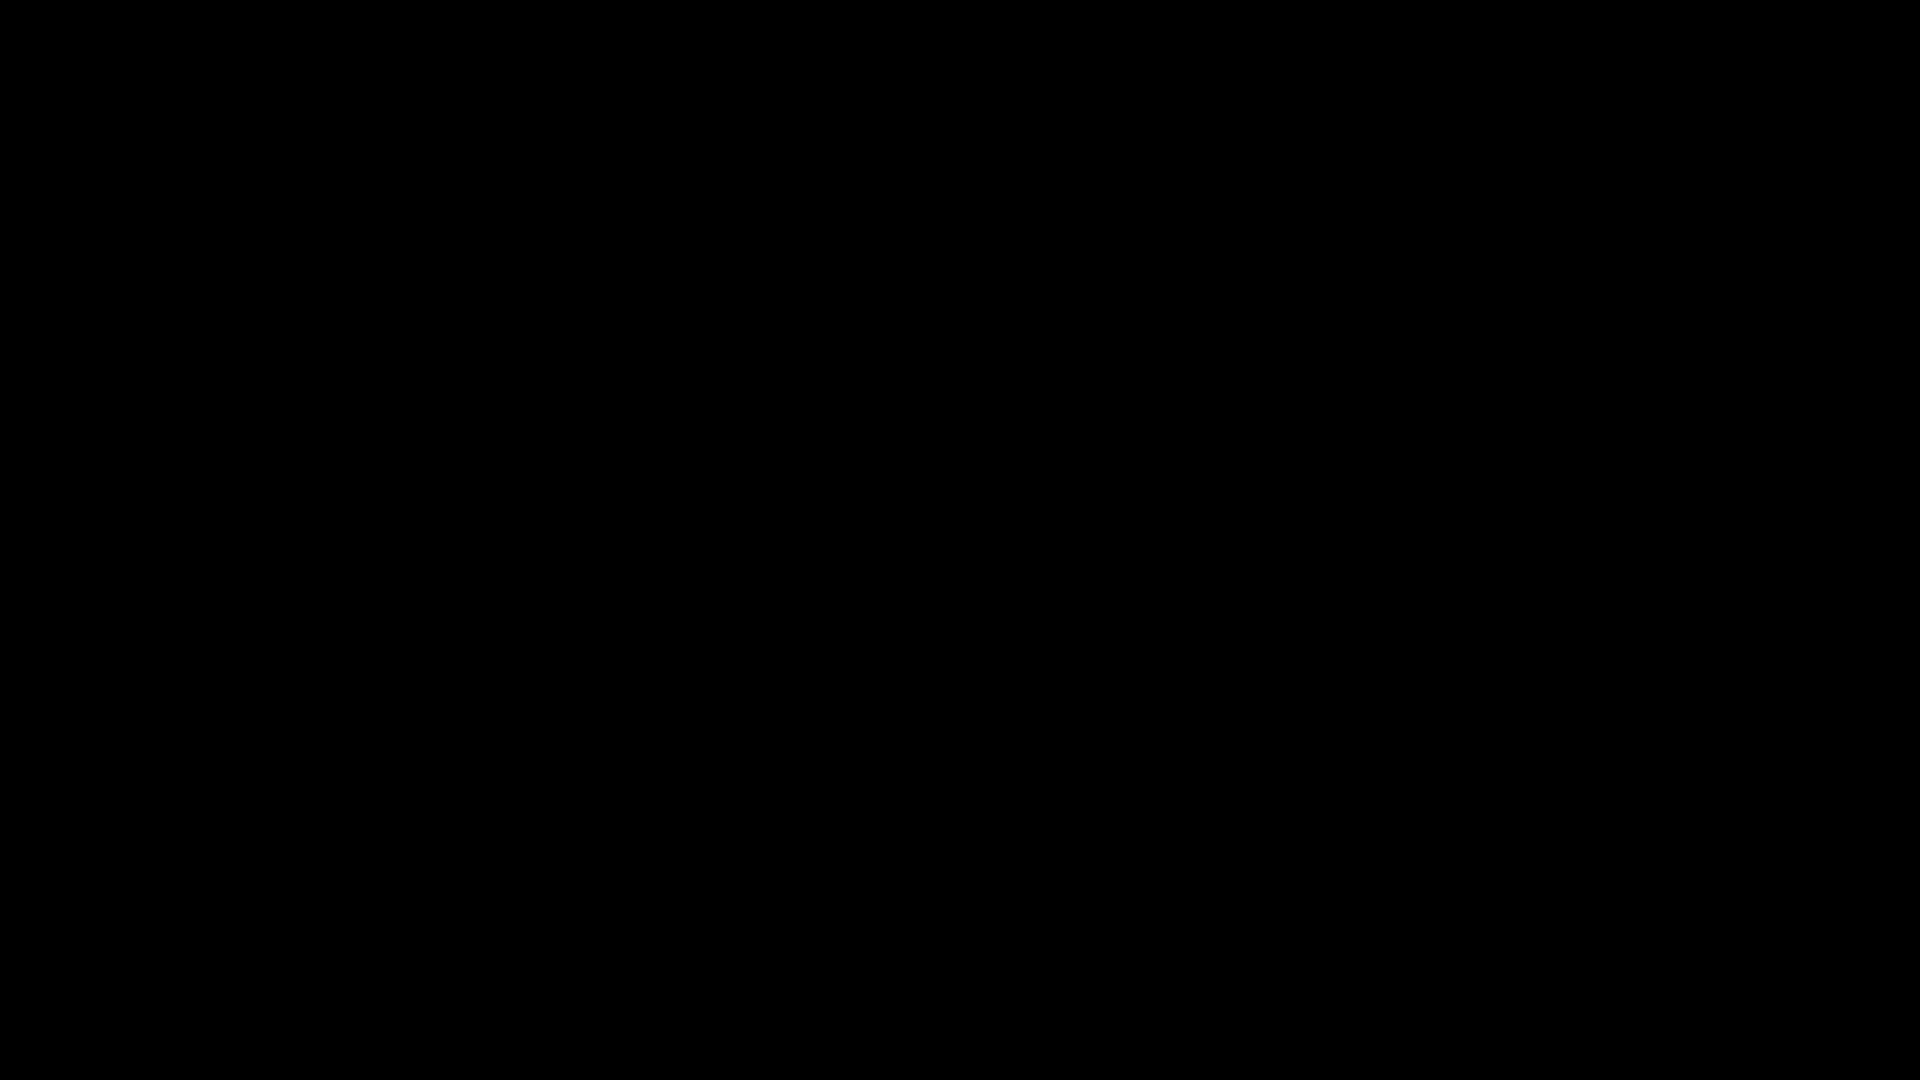 دوستان شاد درختی قسمت 46-فصل 2 قسمت 19- سال 2001 تا 2005- لینک تمام قسمت ها در توضیح زیر این ویدیو